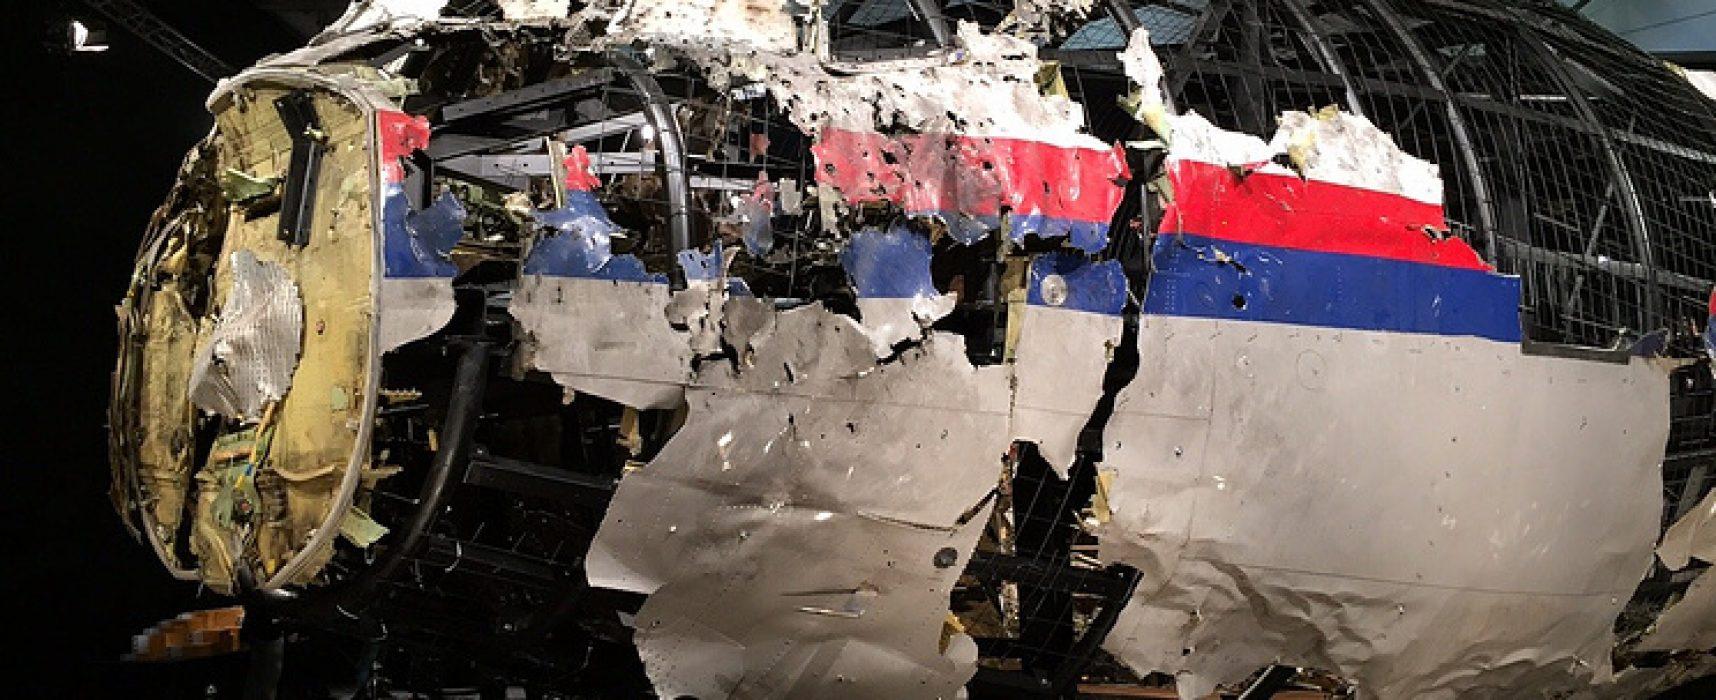 Андрей Мальгин: Отход на новую линию обороны